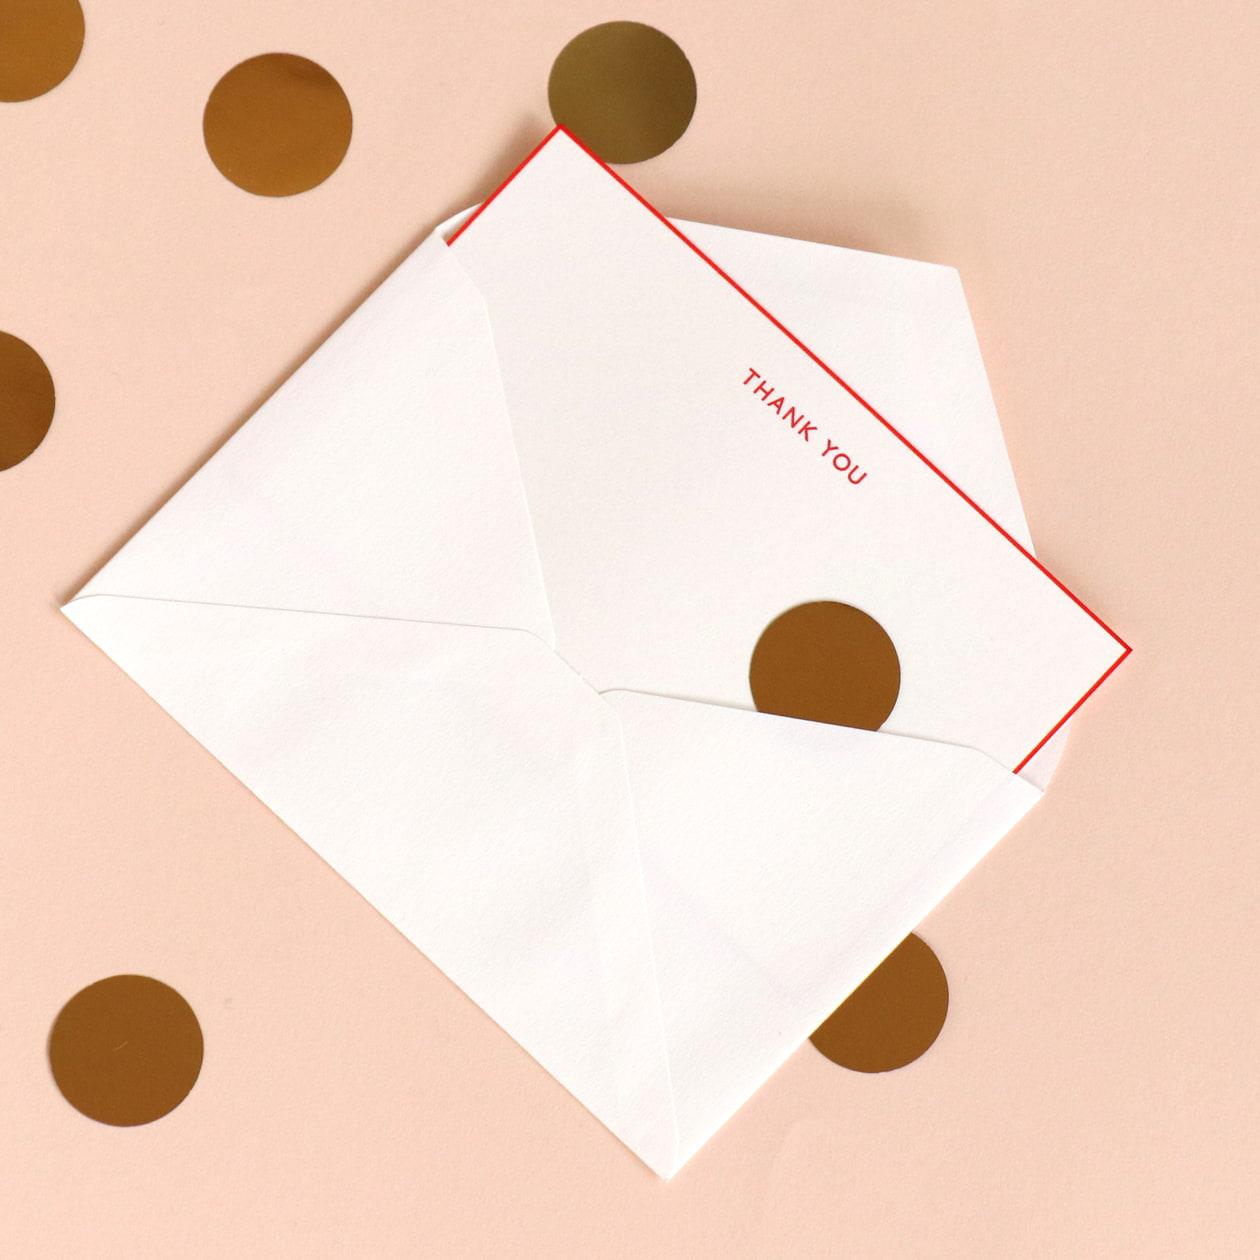 鮮やかな縁取りが印象的なメッセージカード